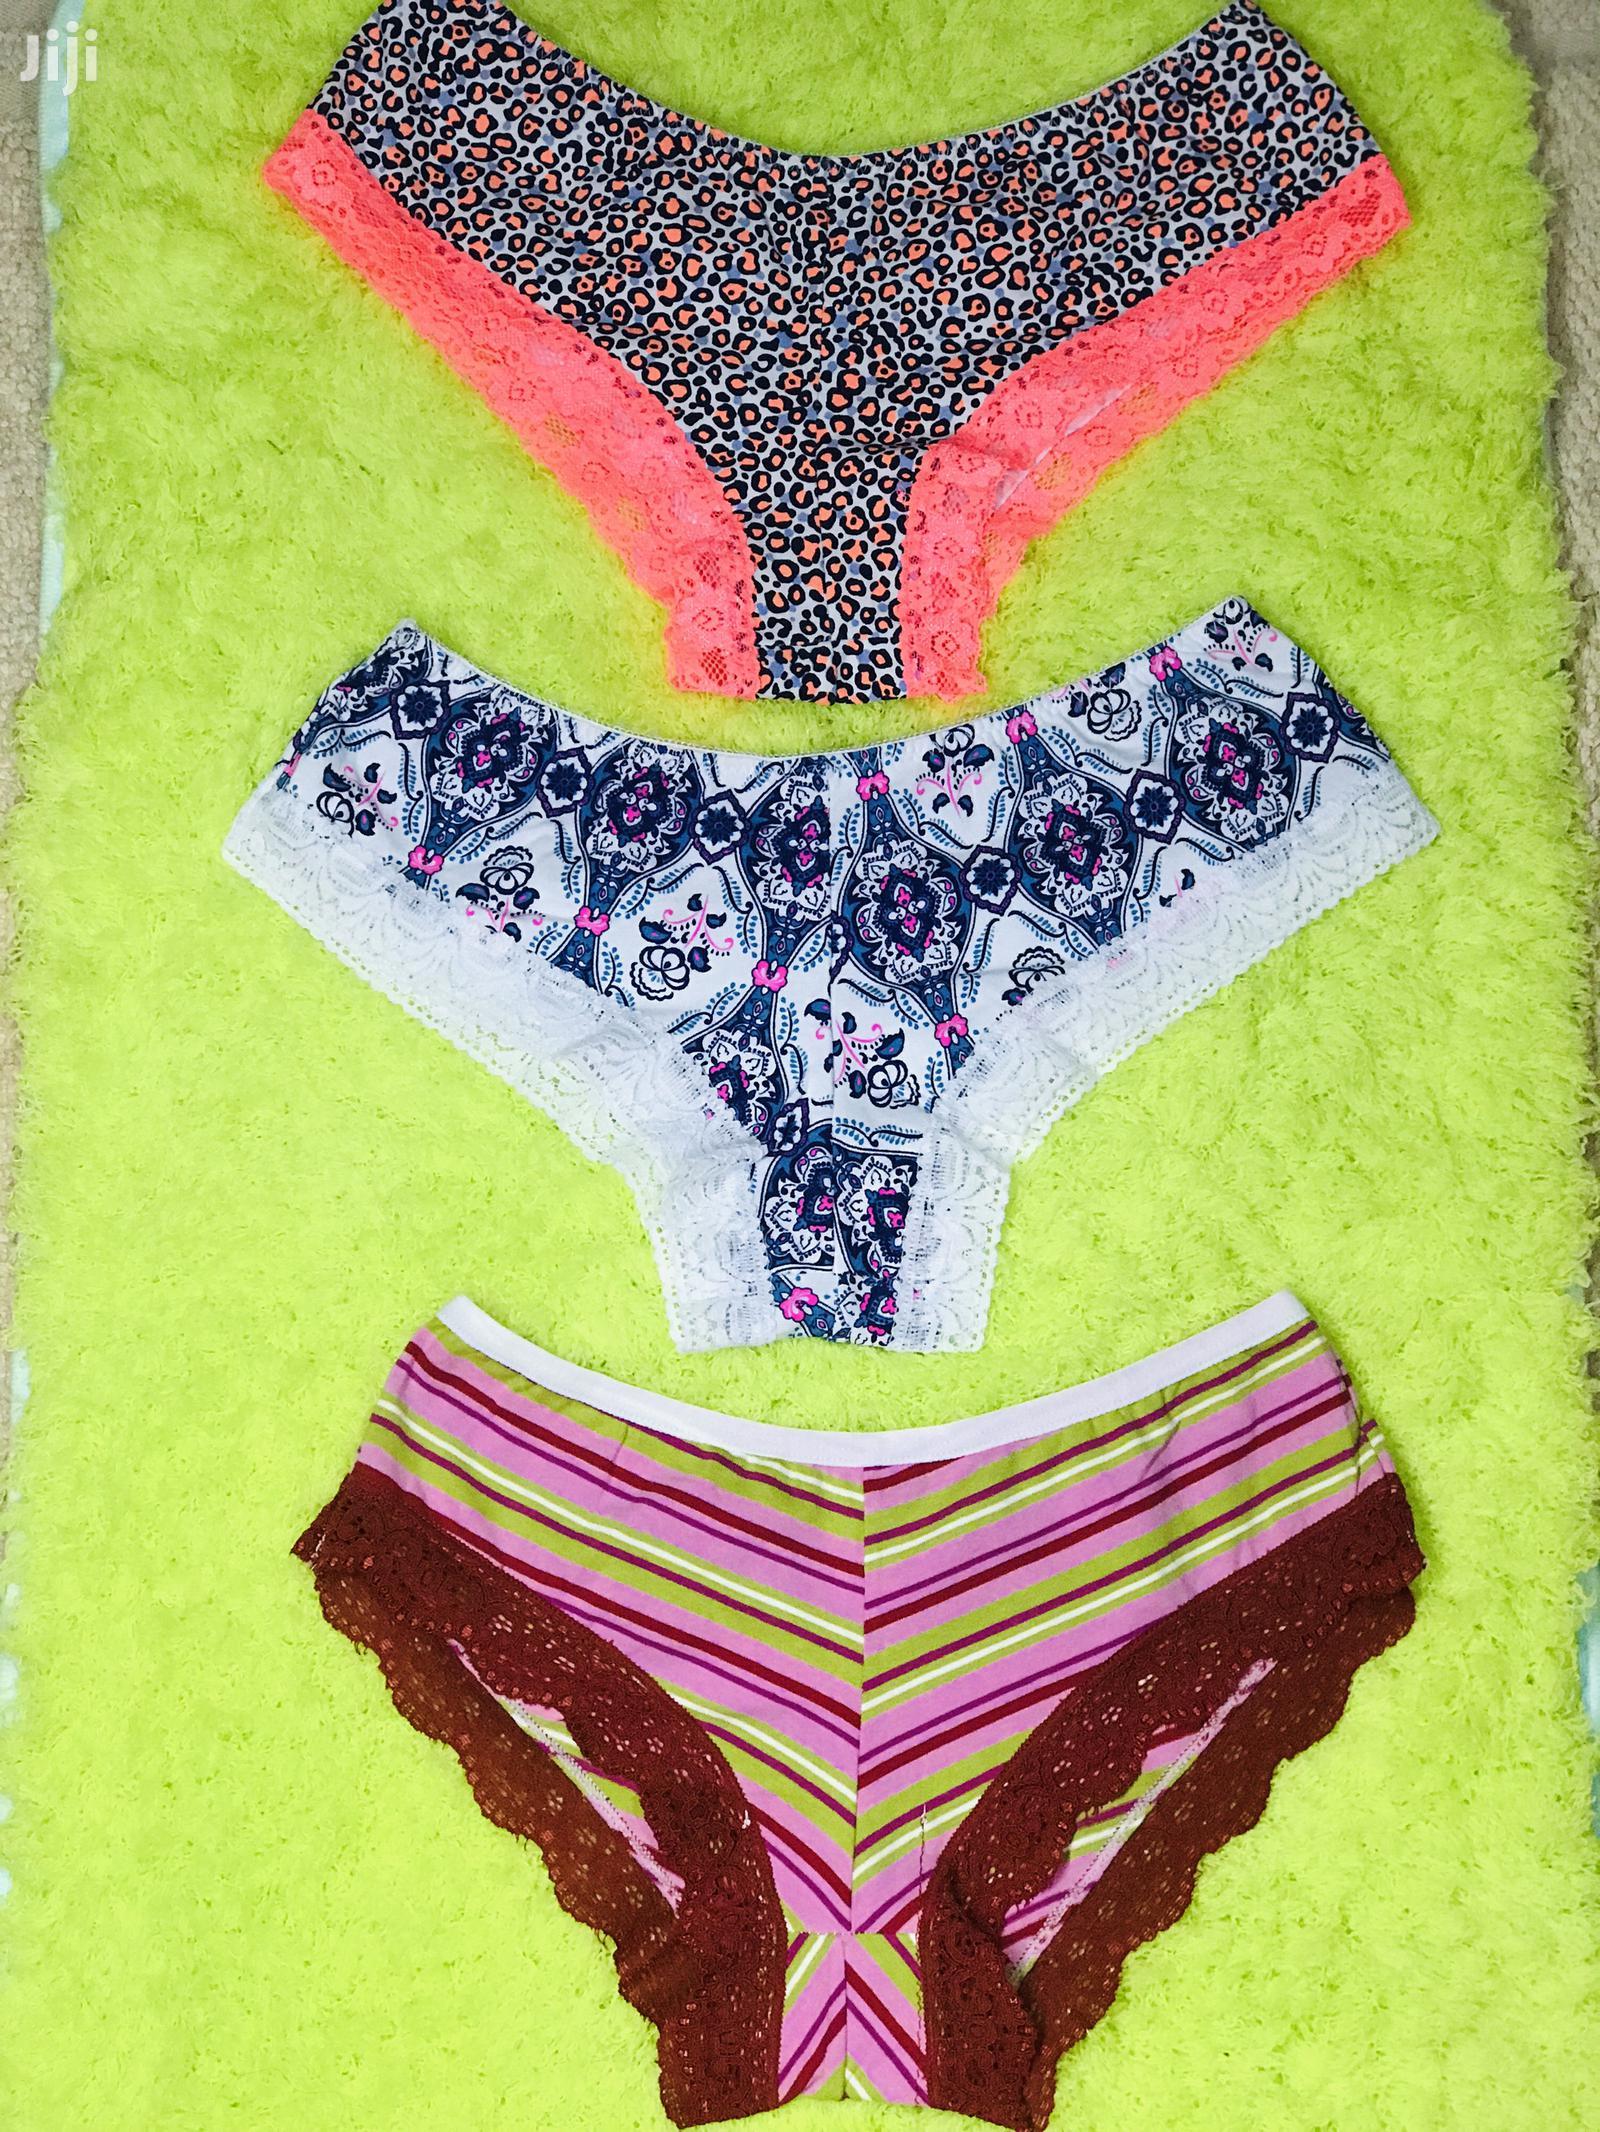 Ladies Panties | Clothing for sale in Ledzokuku-Krowor, Greater Accra, Ghana